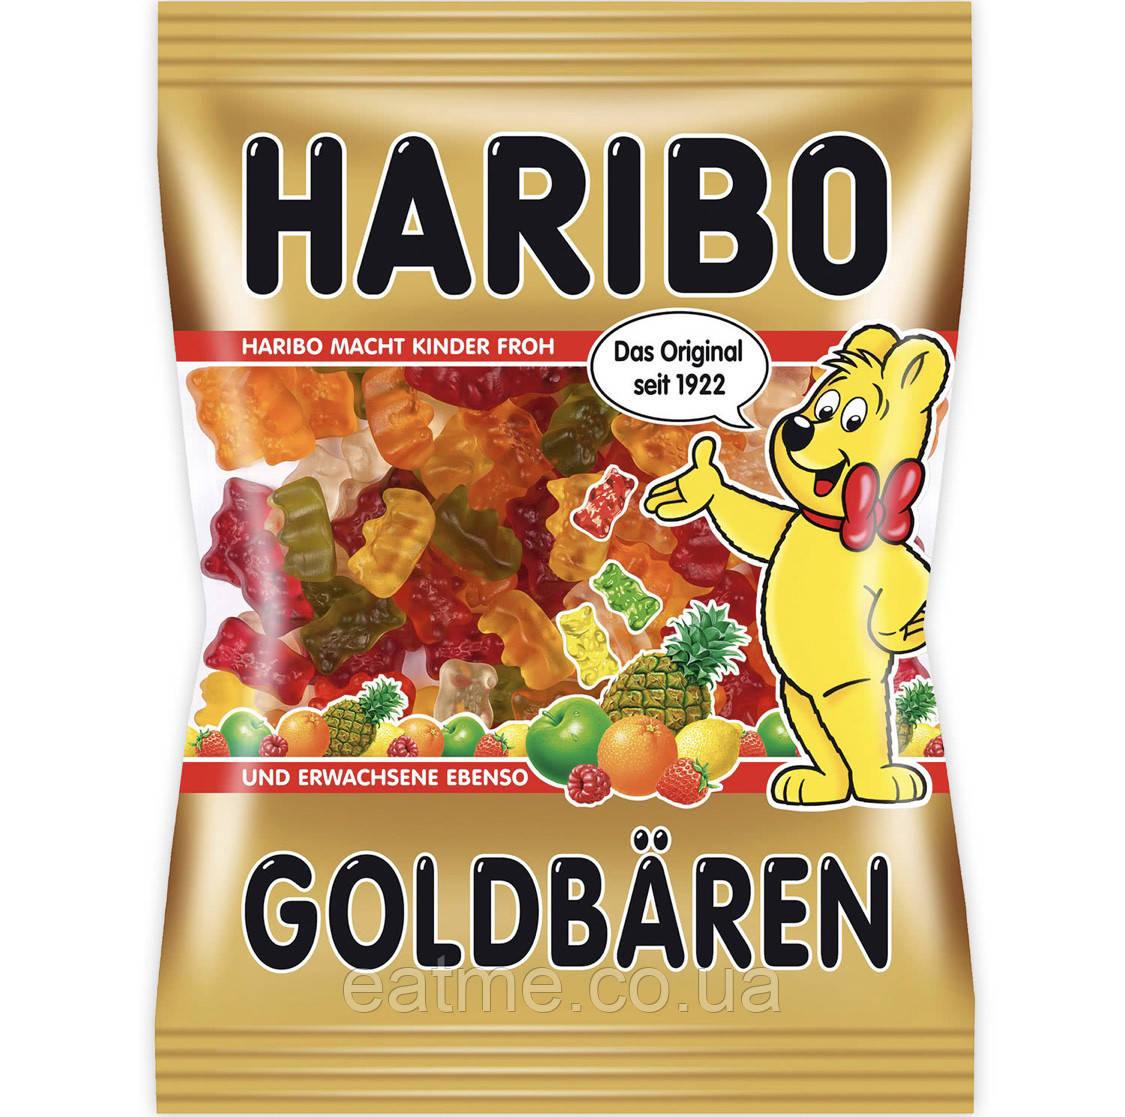 Haribo Goldbären Желейные конфеты с фруктовыми вкусами в виде Мишек